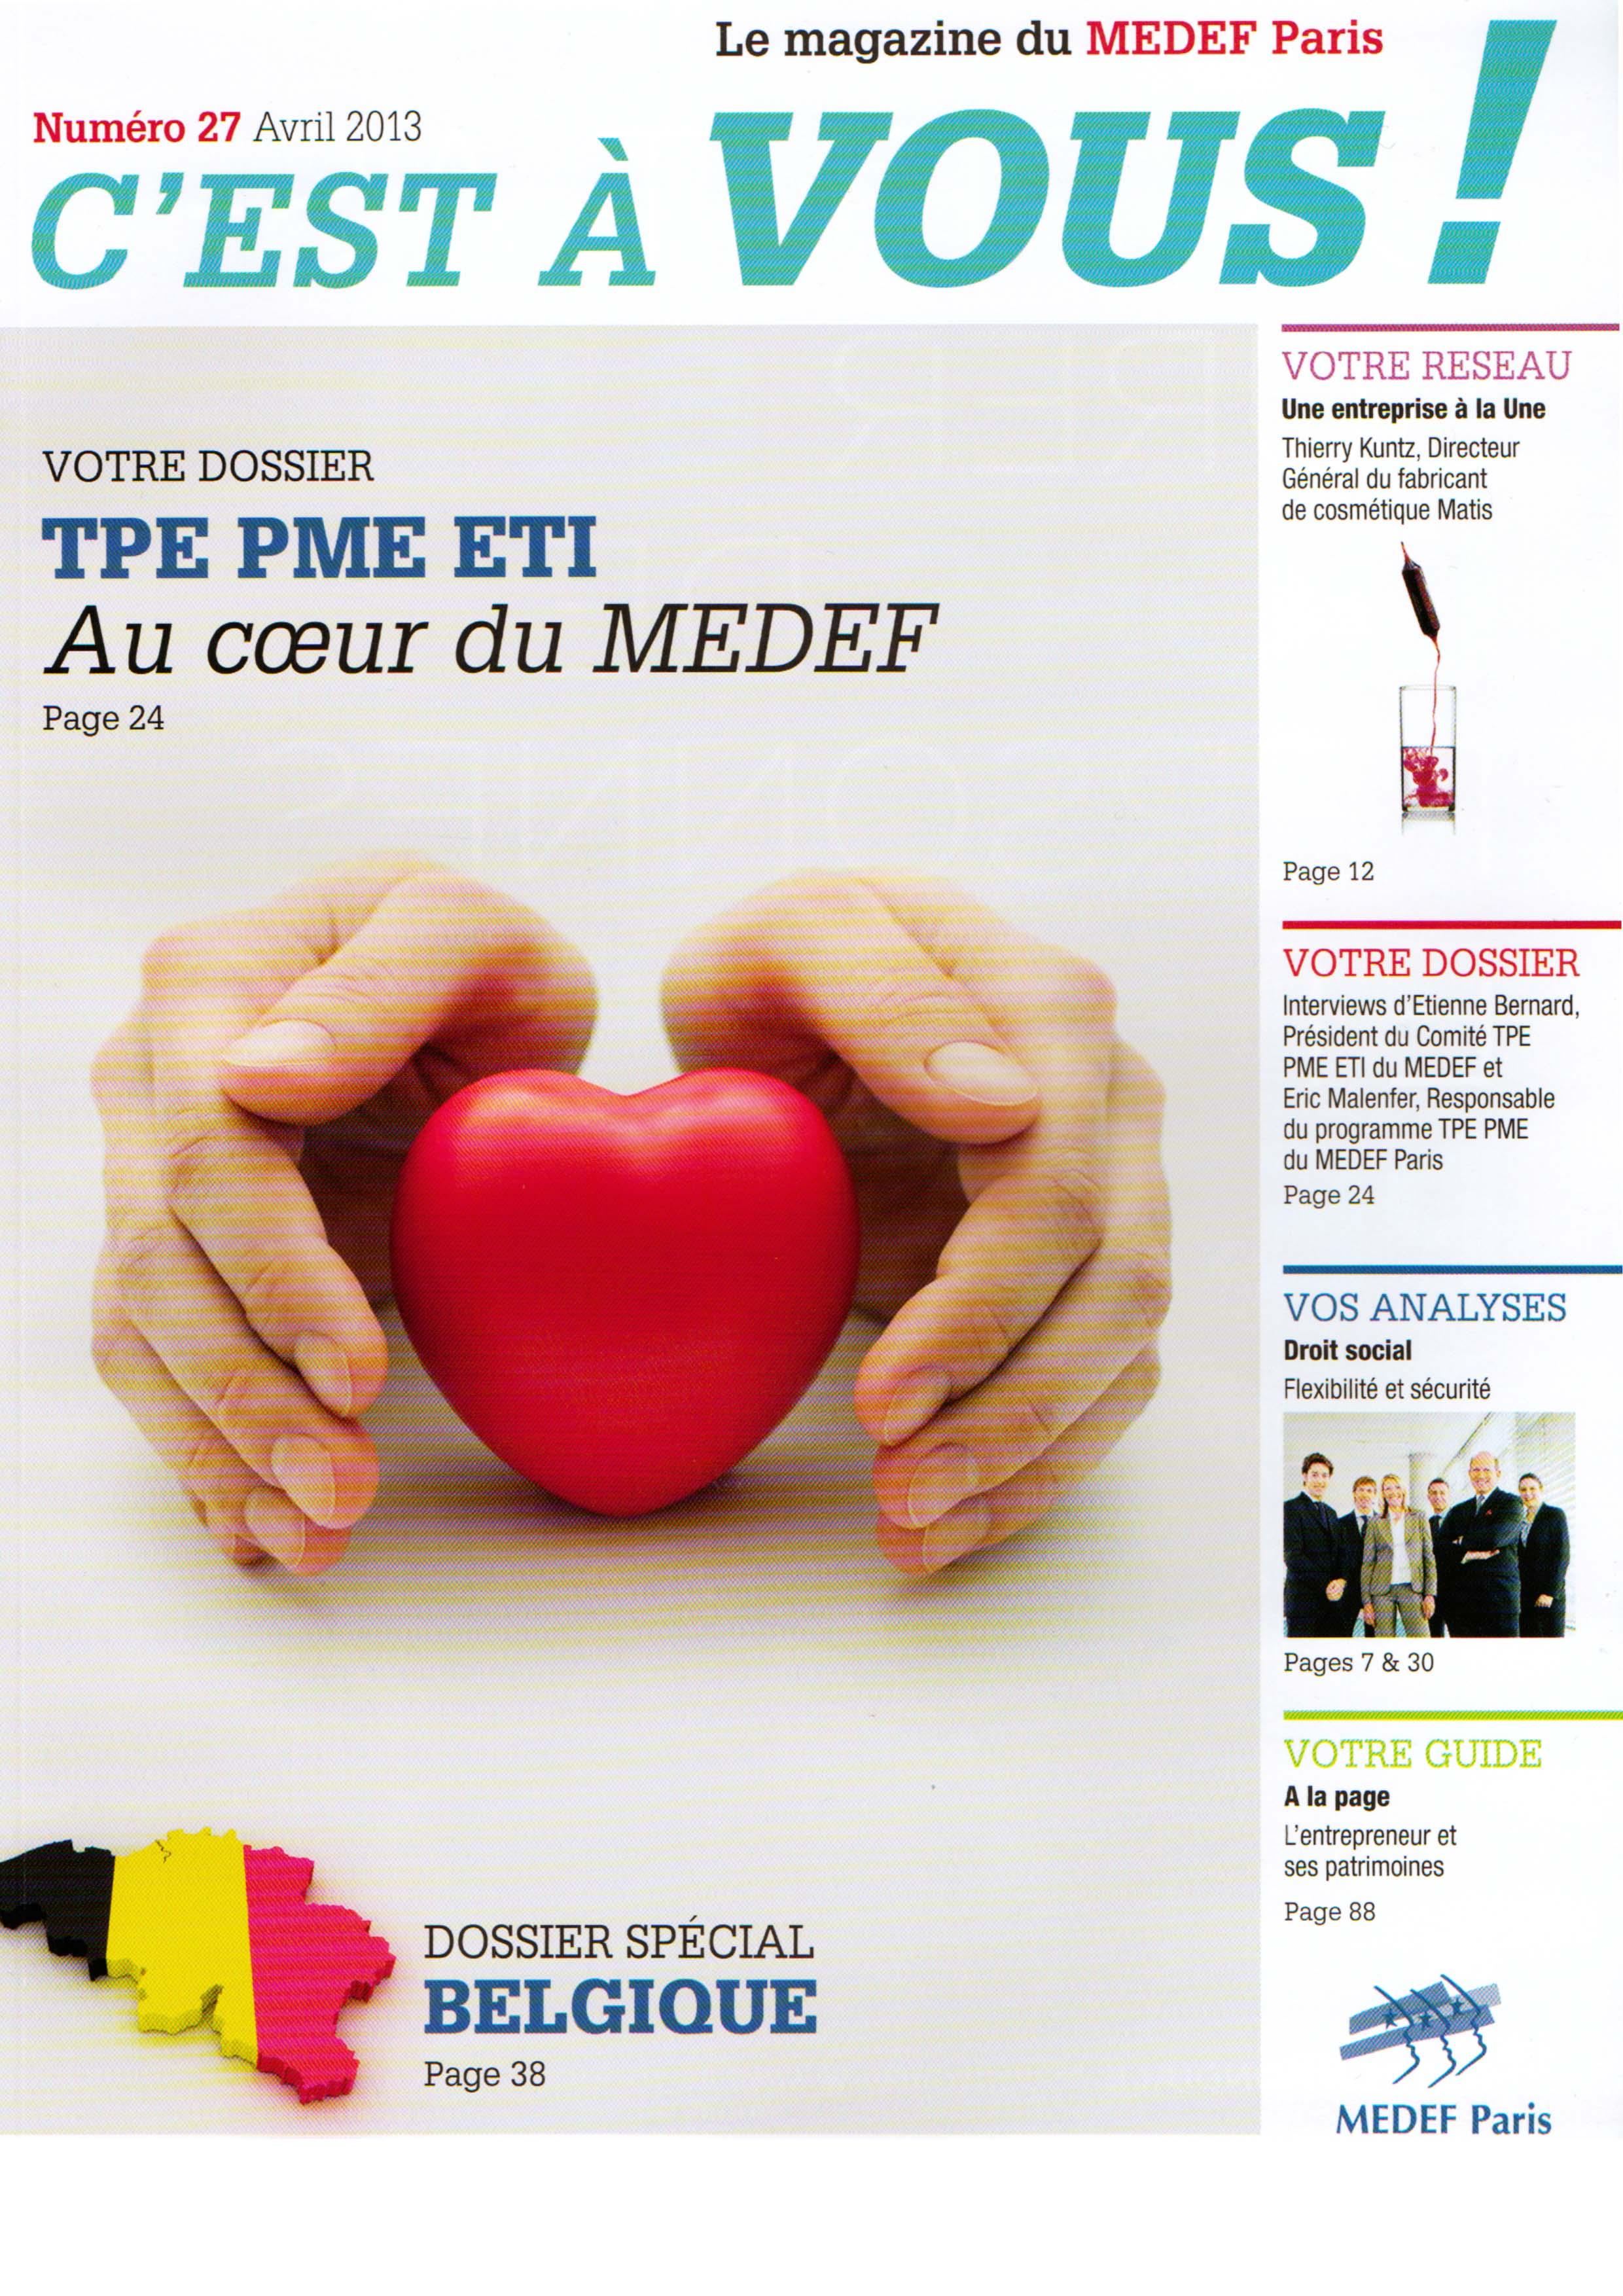 Magazine MEDEF - C'est à vous